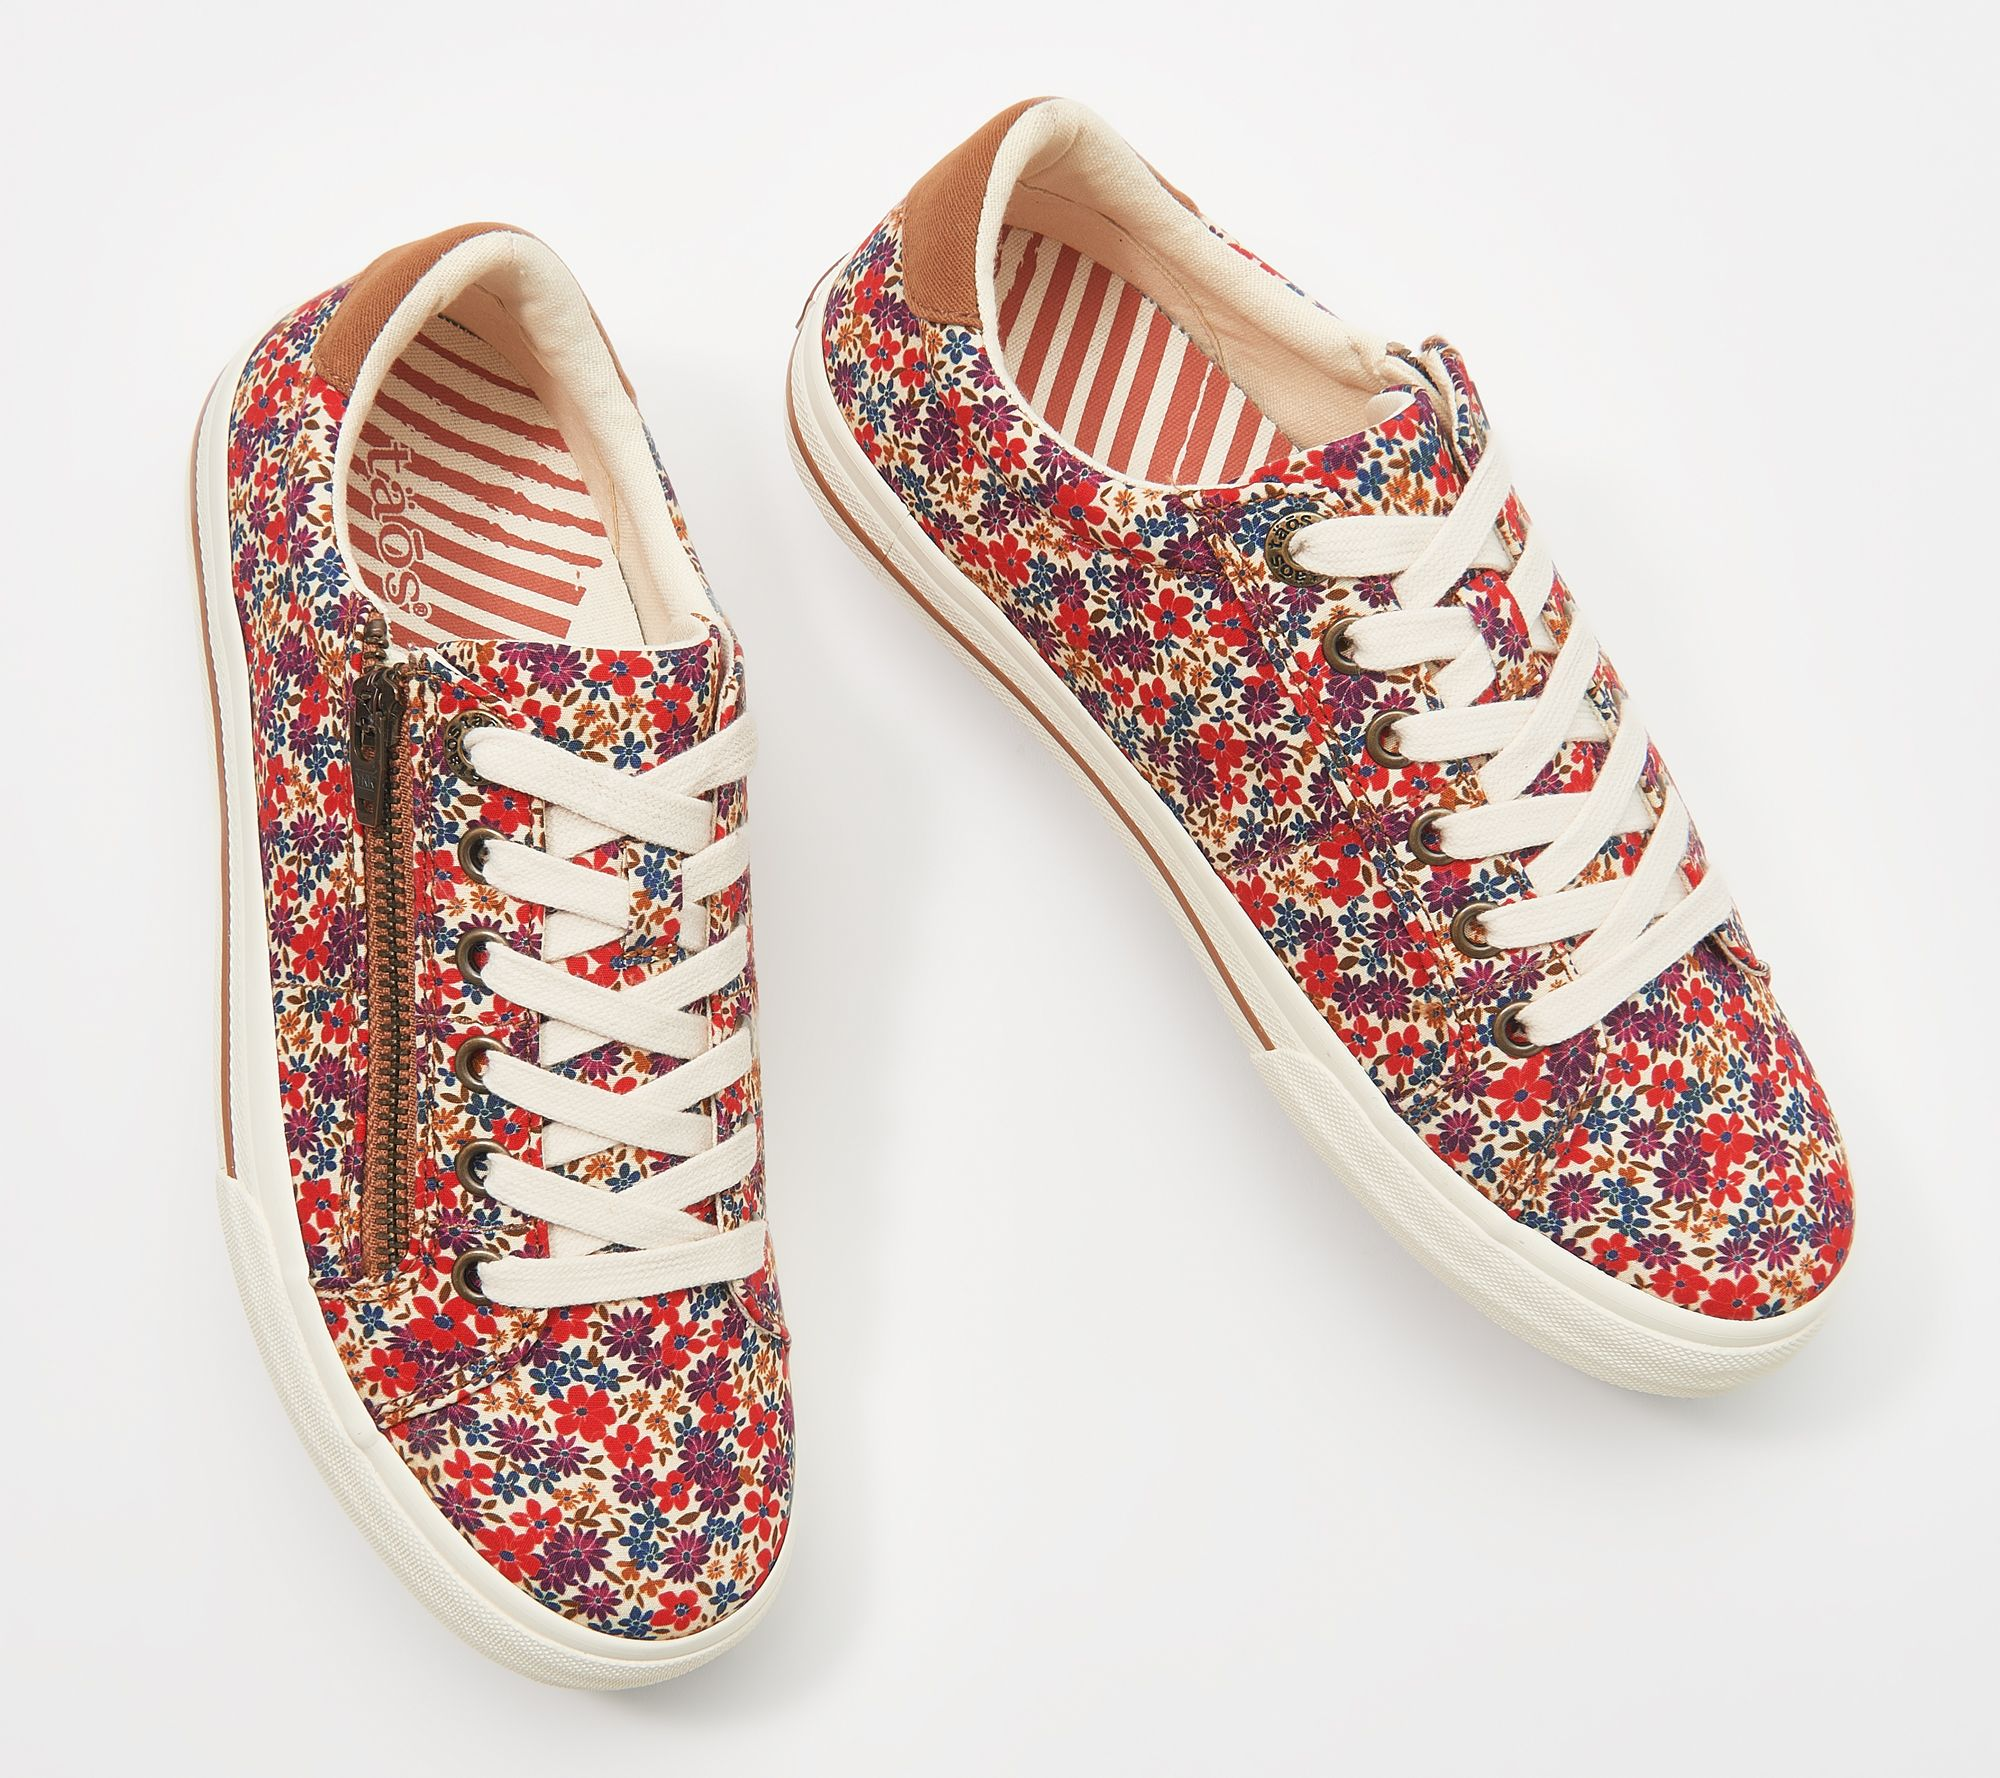 Taos Canvas Side-Zip Lace-Up Sneaker - Z Soul